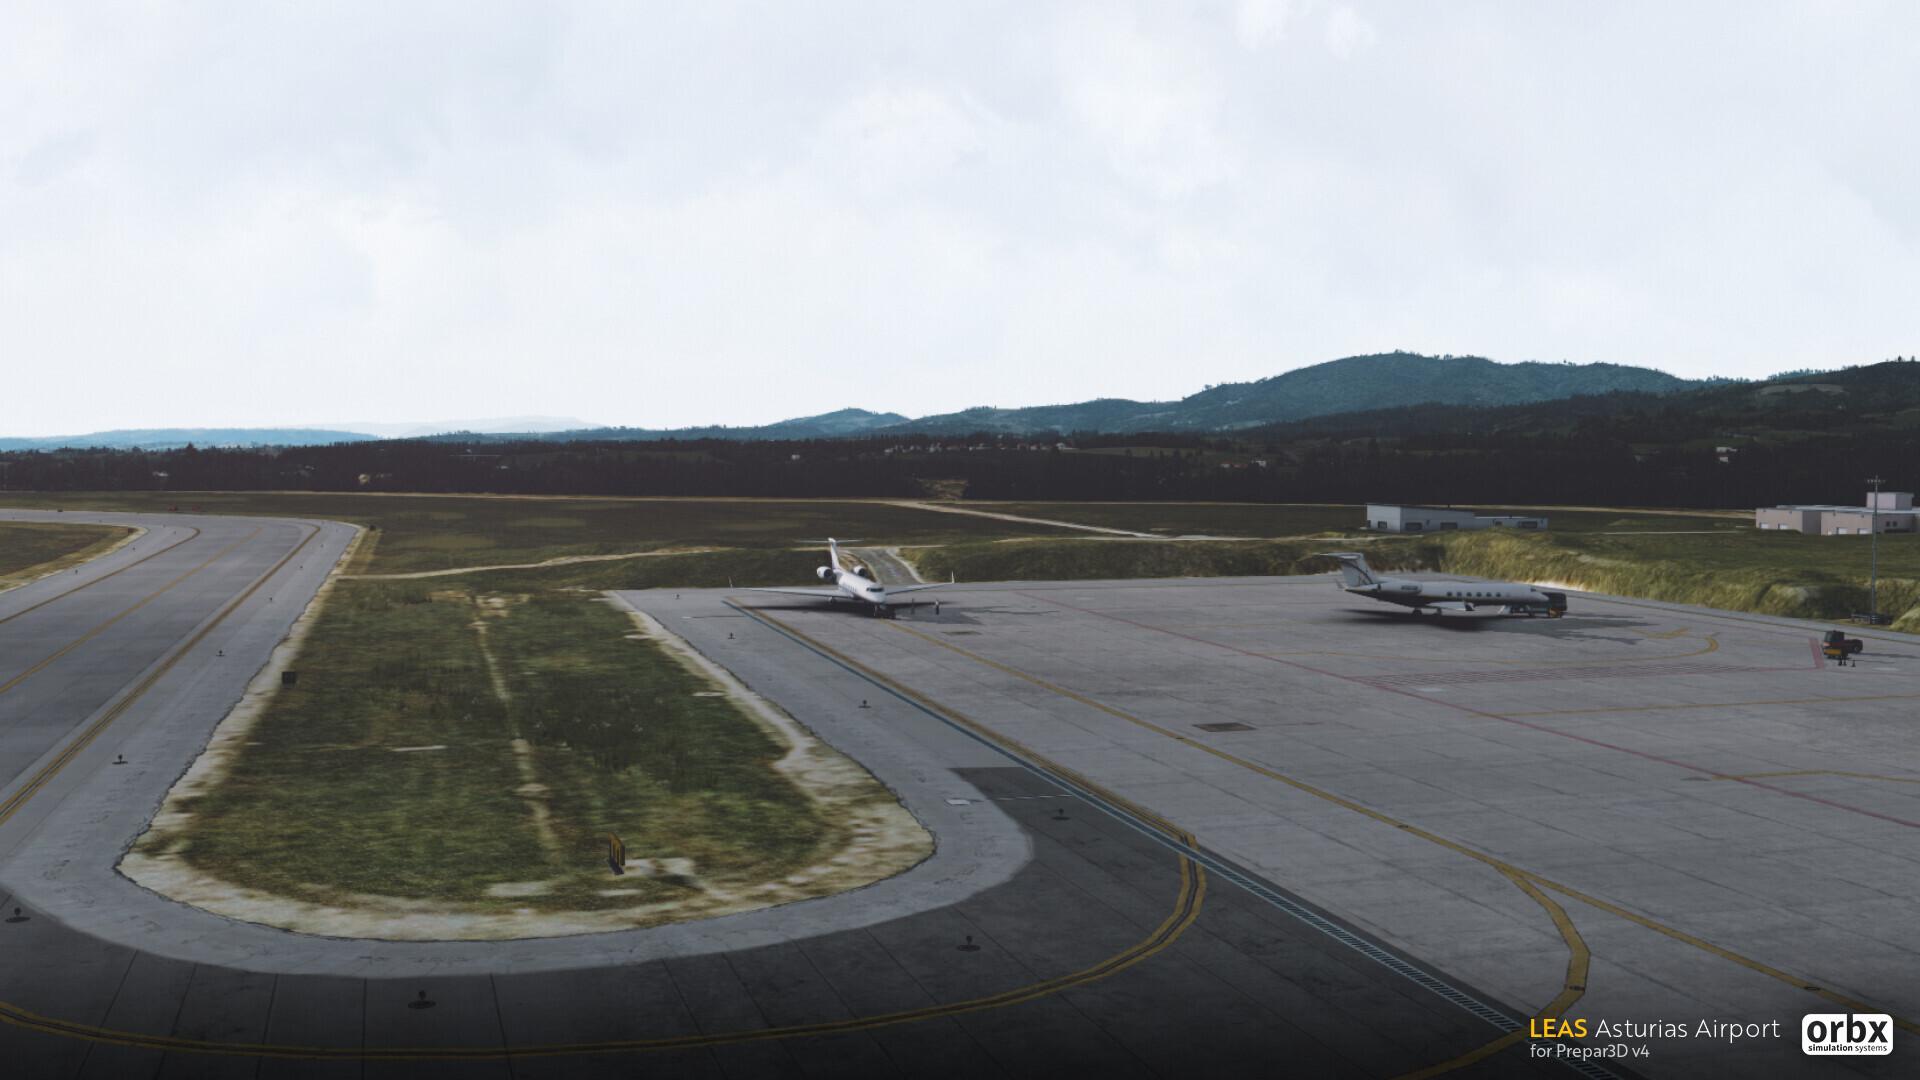 LEAS Asturias Airport